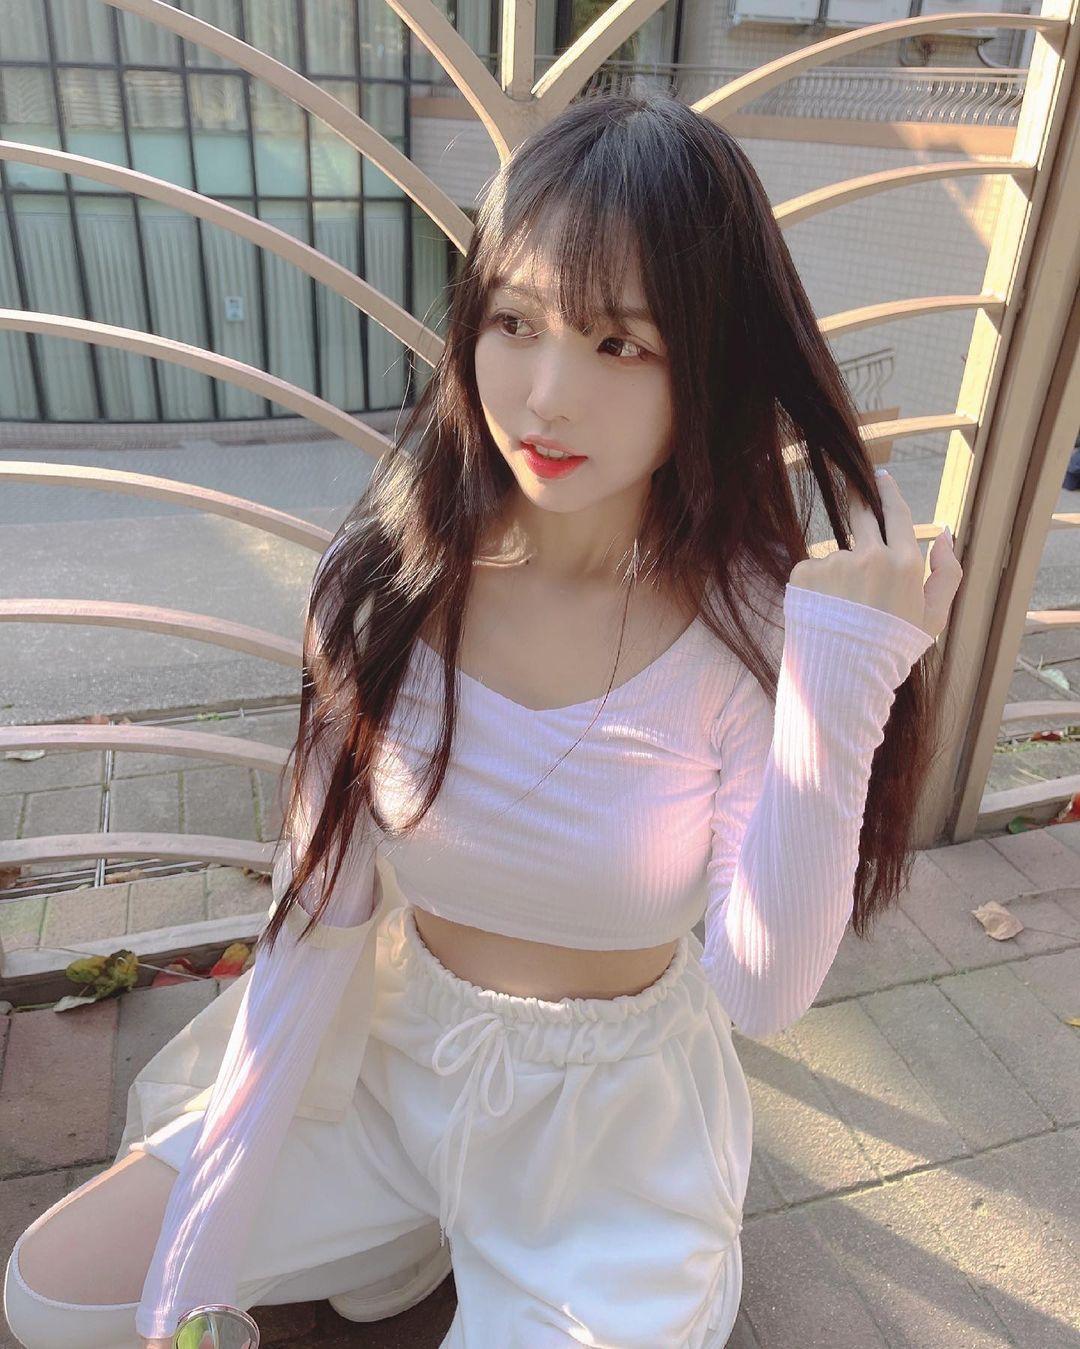 清新可爱的「软萌系美女」赵兔兔,性感旗袍小露,粉丝看到受不了. 养眼图片 第12张